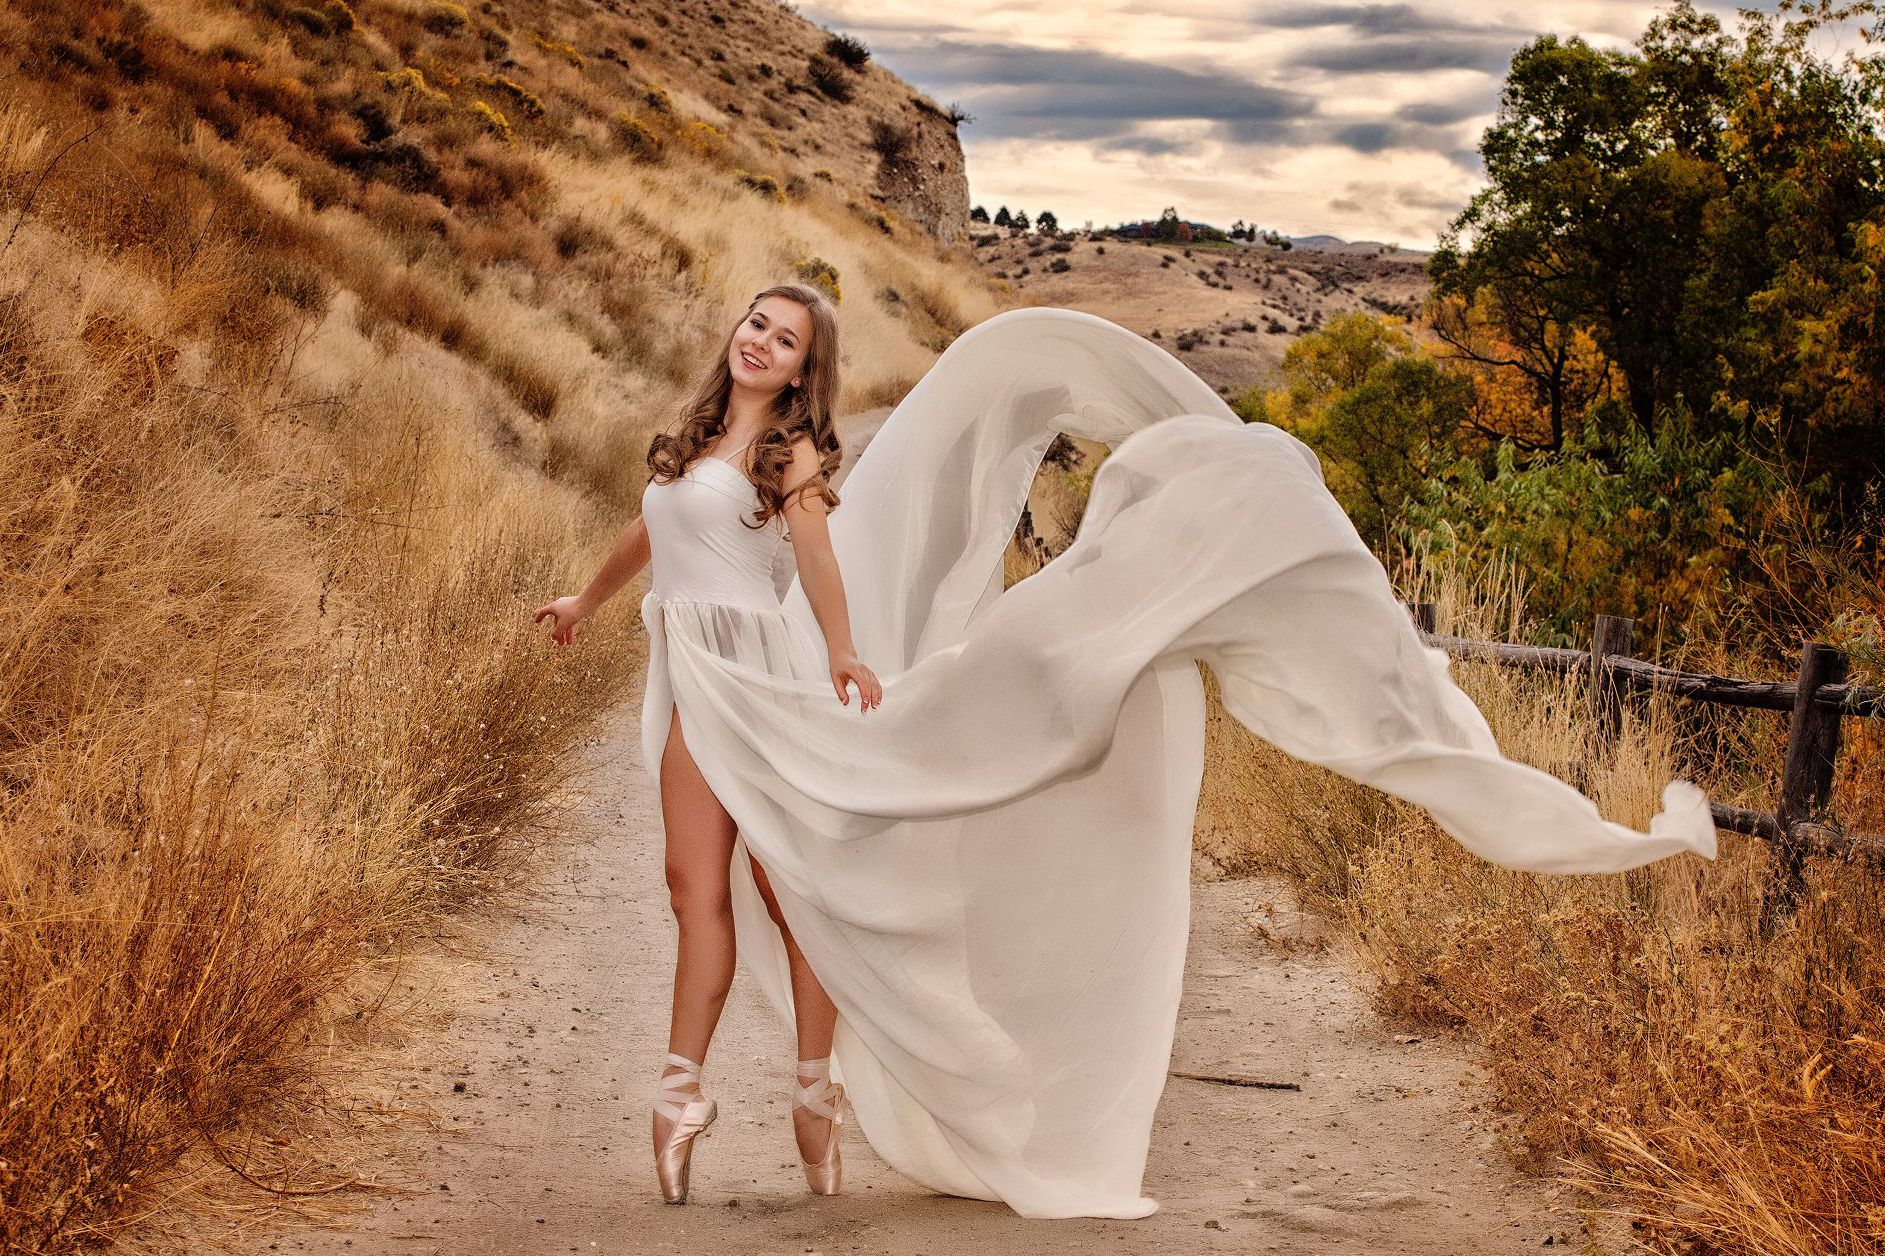 Ballerina in Boise Foothills.